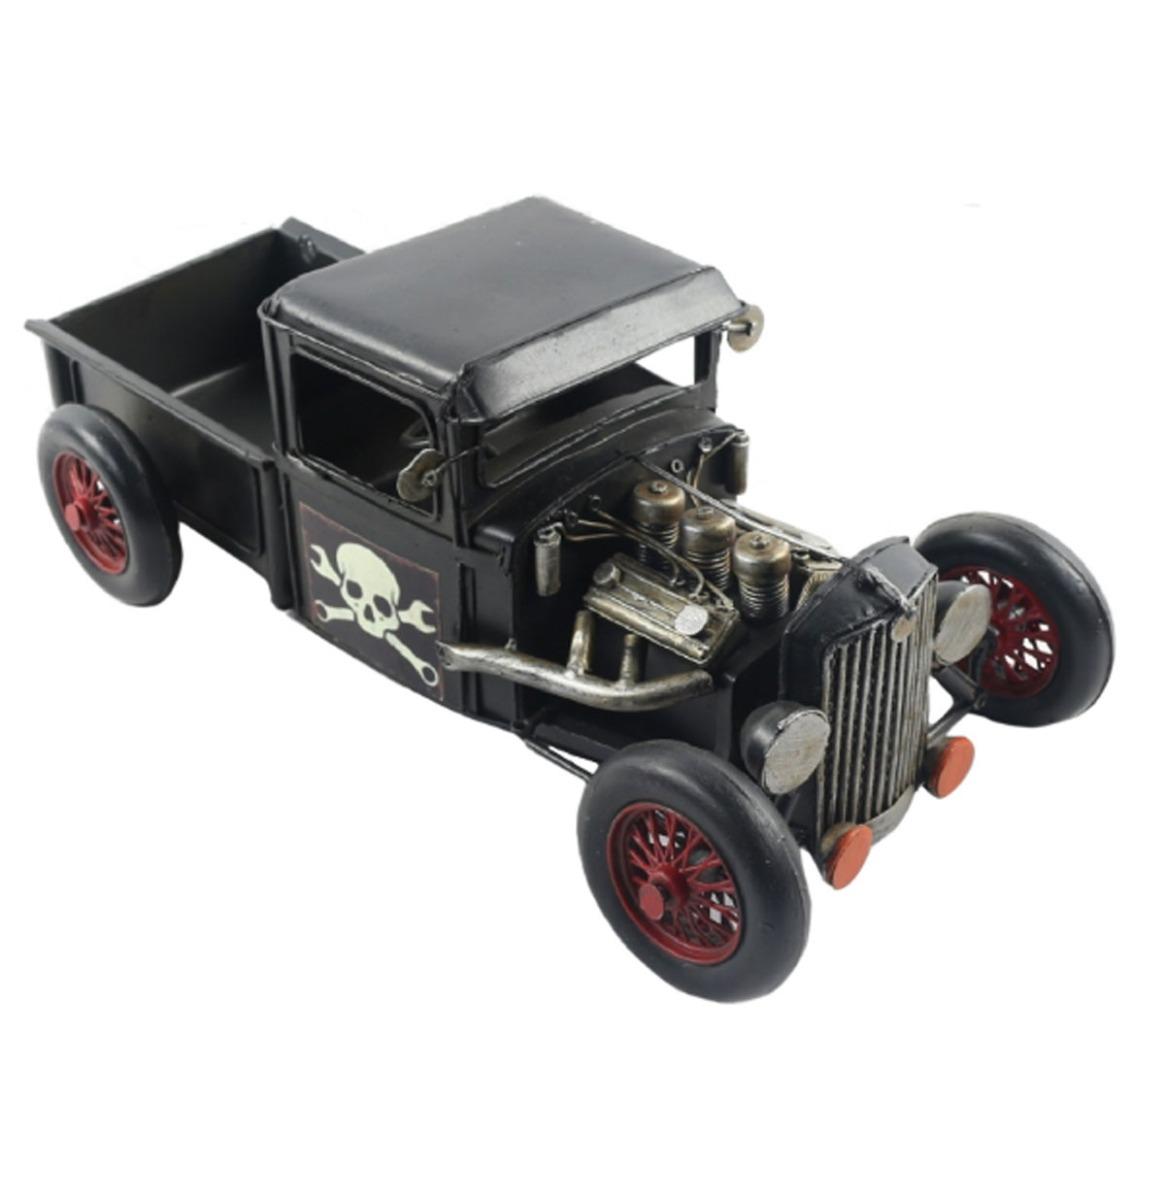 fiftiesstore Hot Rod Zwart Metalen Model 33 cm